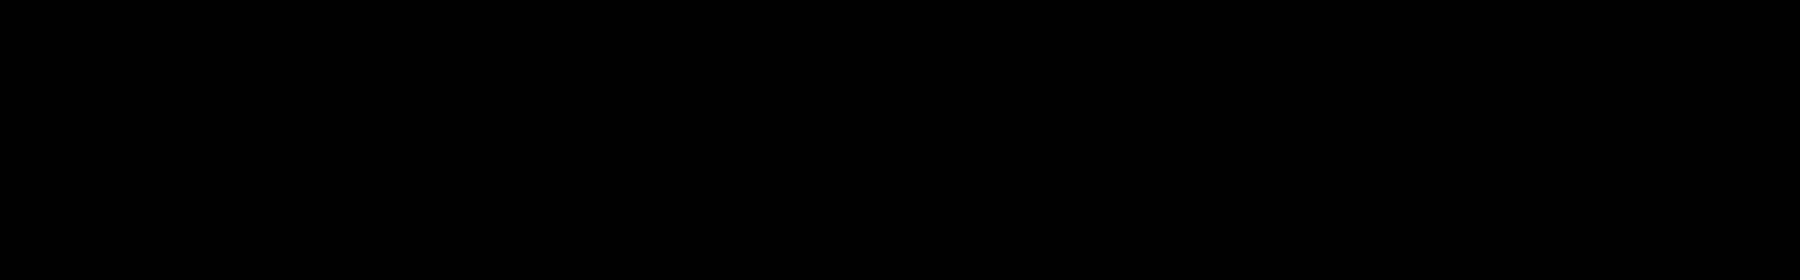 Luftrum 24 audio waveform